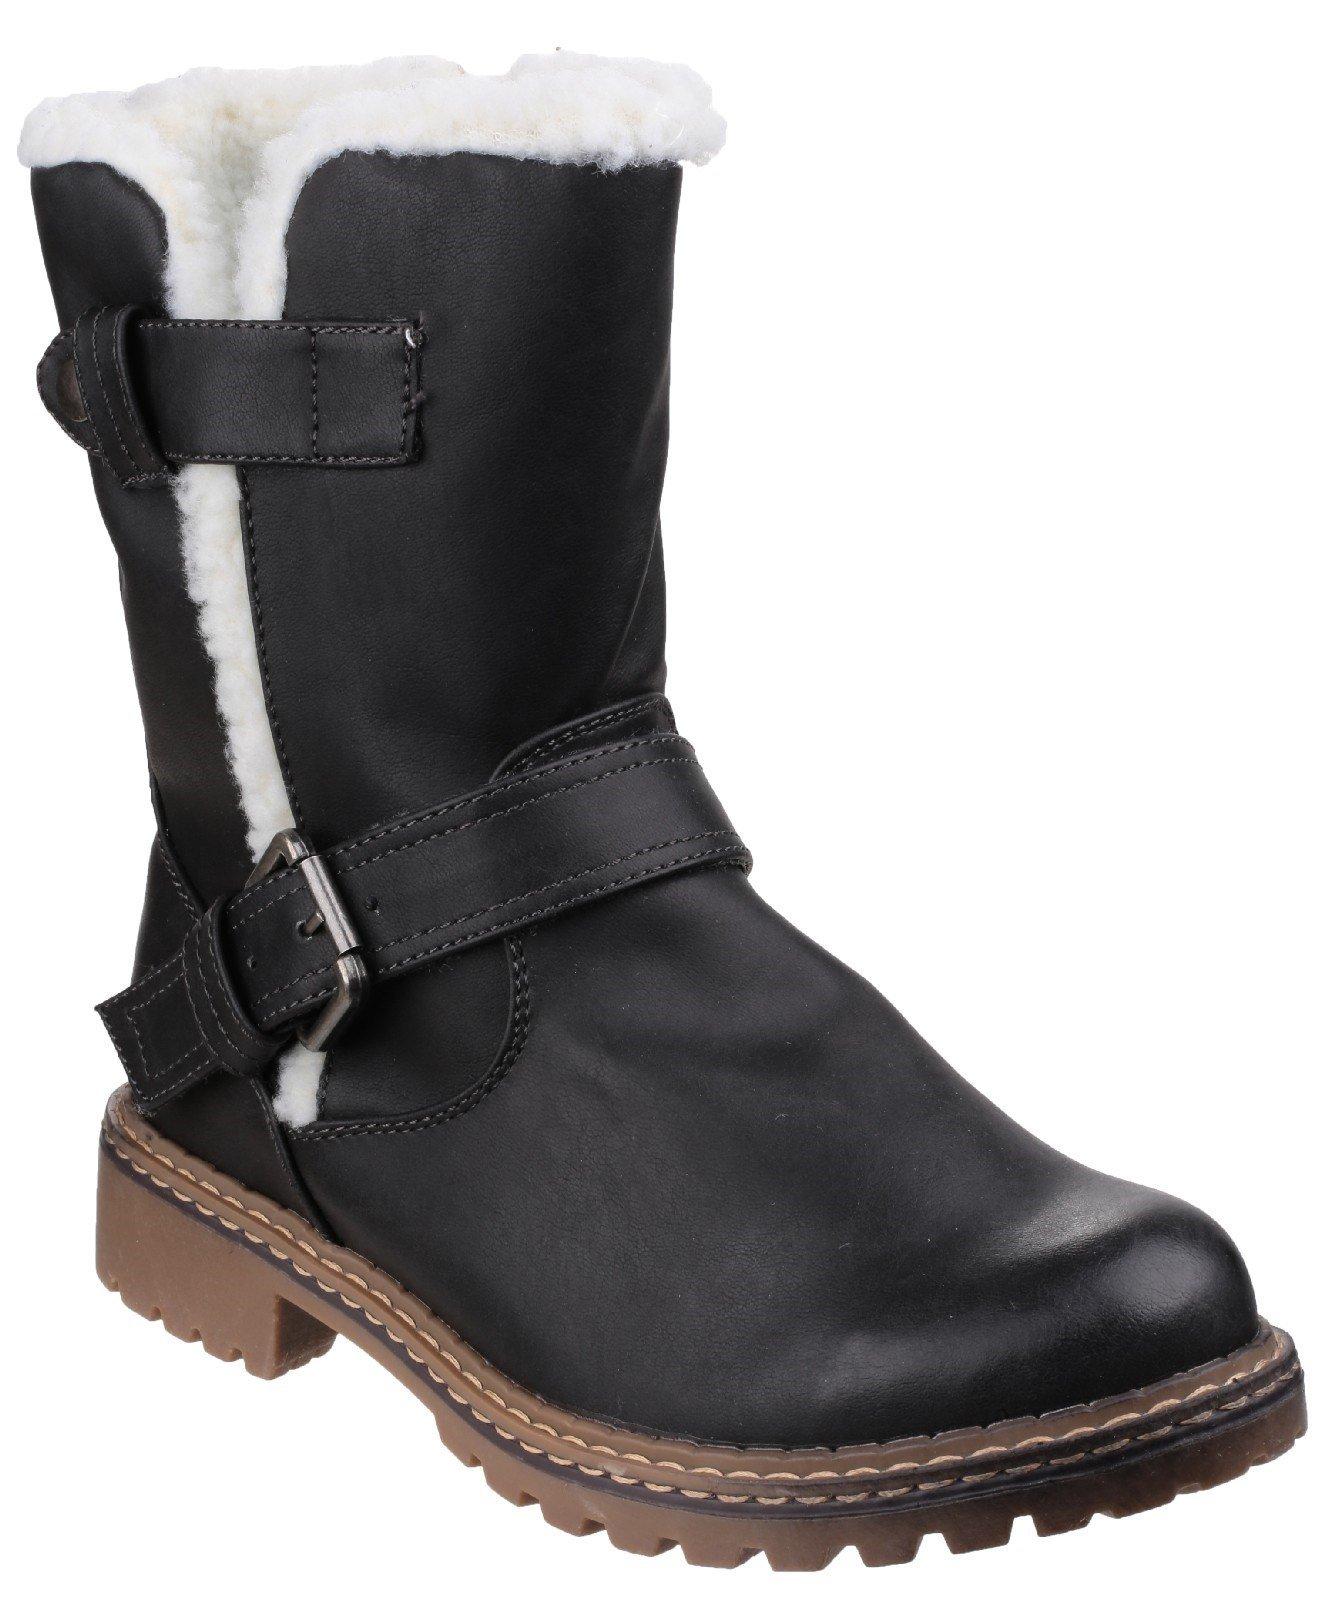 Divaz Women's Nardo Pull On Boot Black 22806-37230 - Black 3